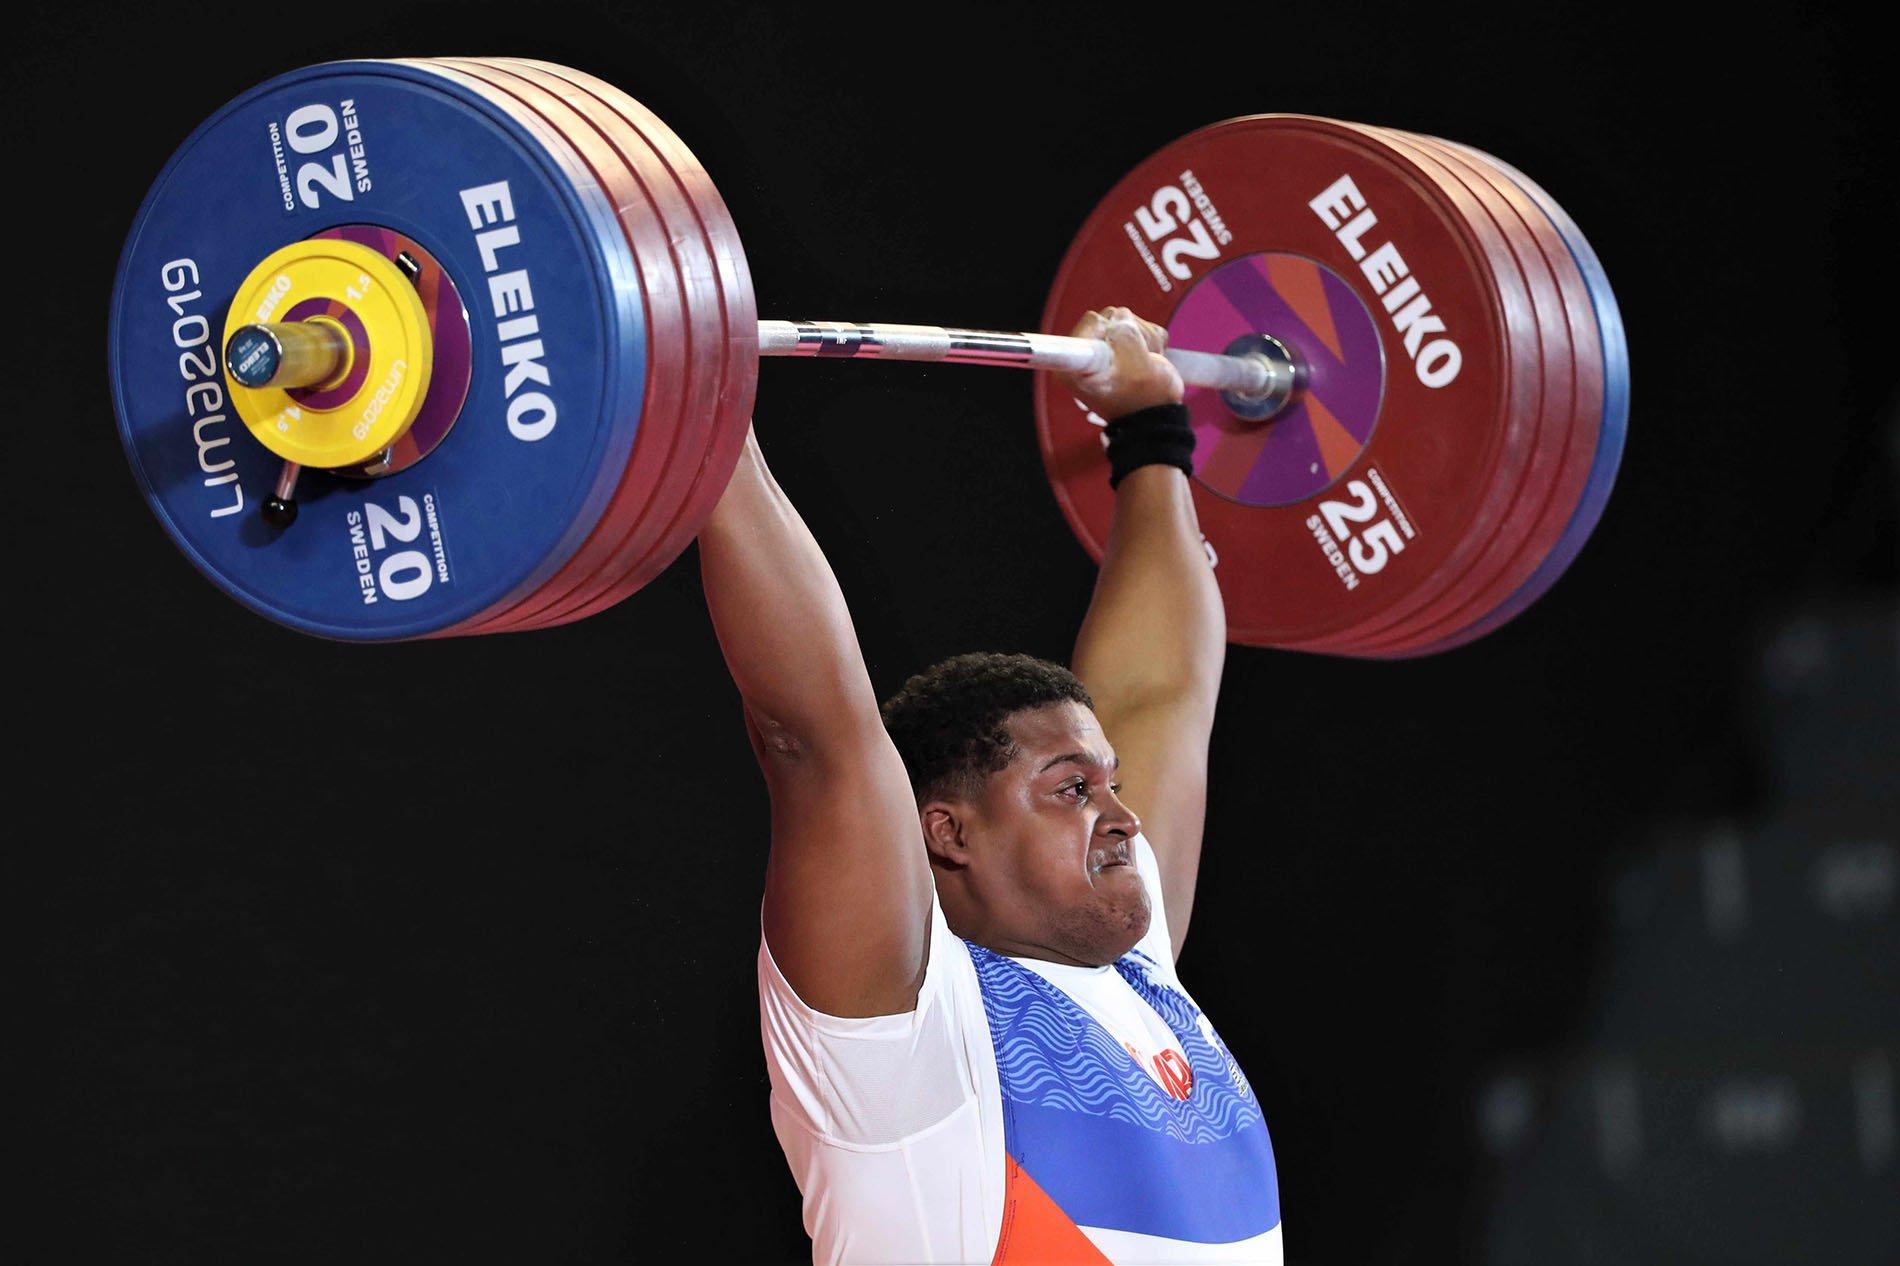 Luis Manuel Lauret, plata en más de 109 kg, dio a Cuba la única medalla de las pesas en los Juegos Panamericanos Lima 2019. Foto: Paolo Aguilar / EFE.